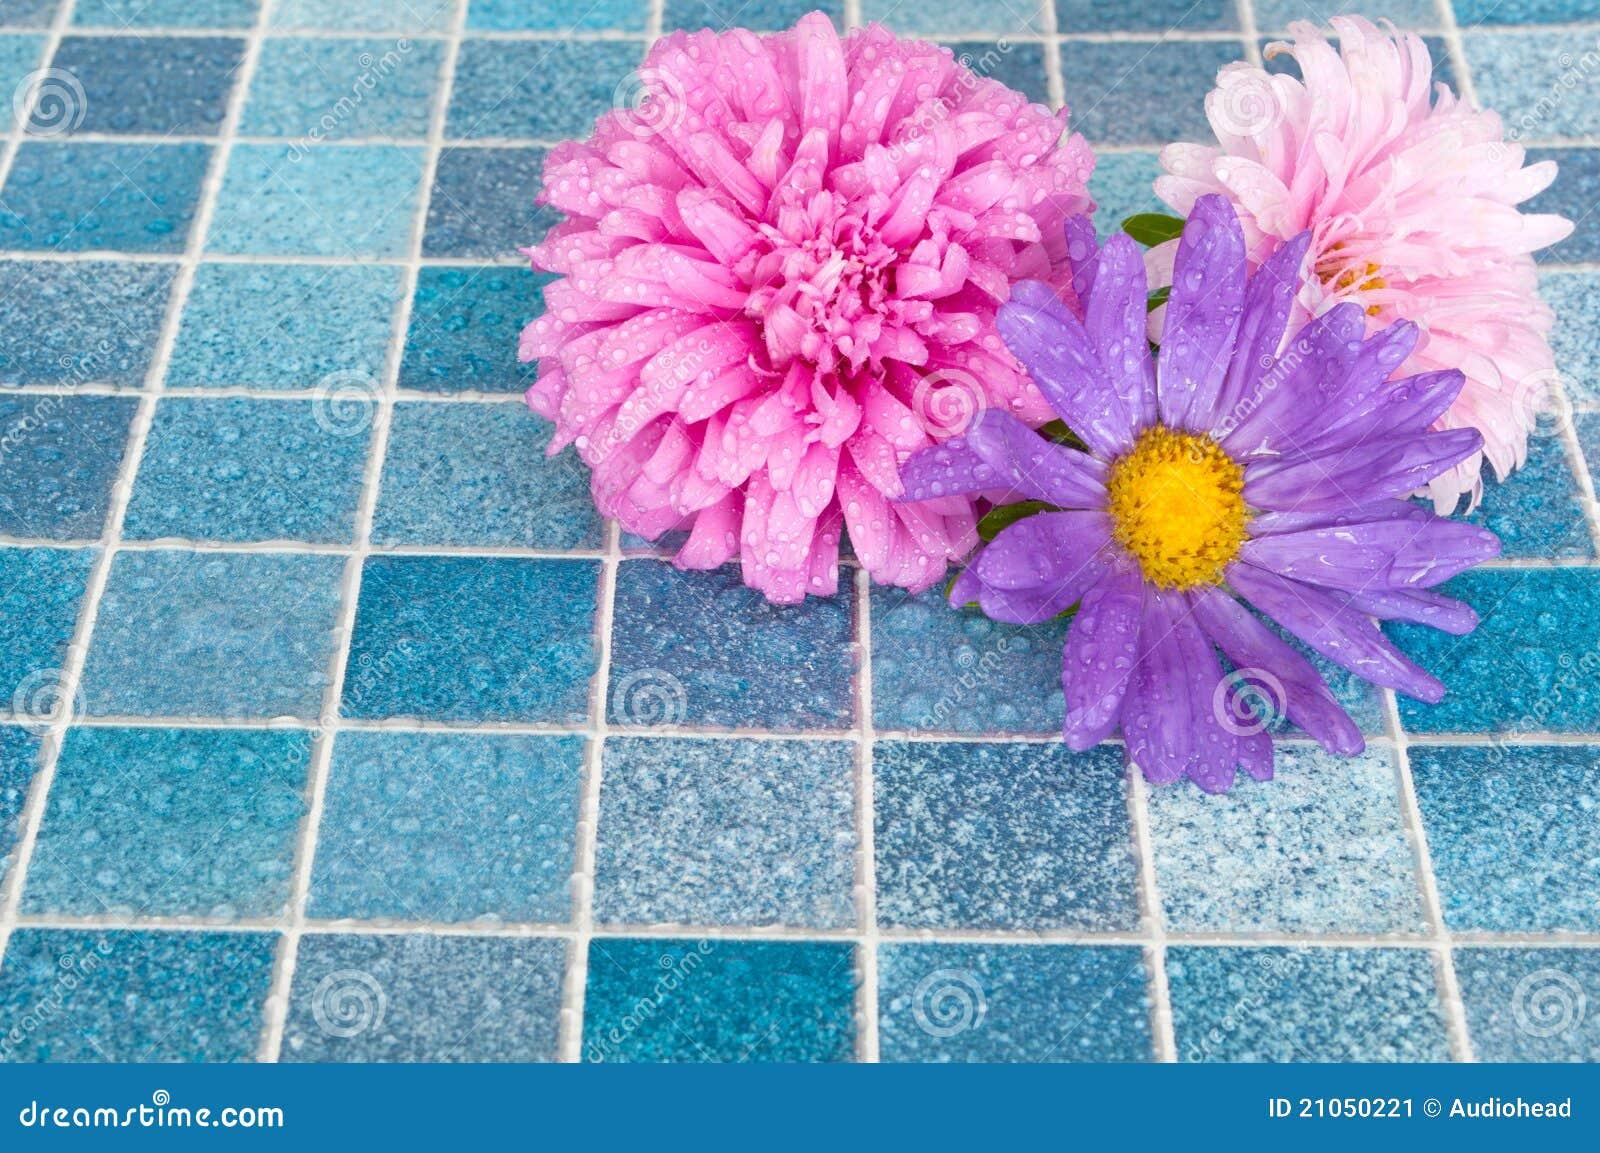 Blumen im Badezimmer stockbild. Bild von schwimmen, medizin - 21050221